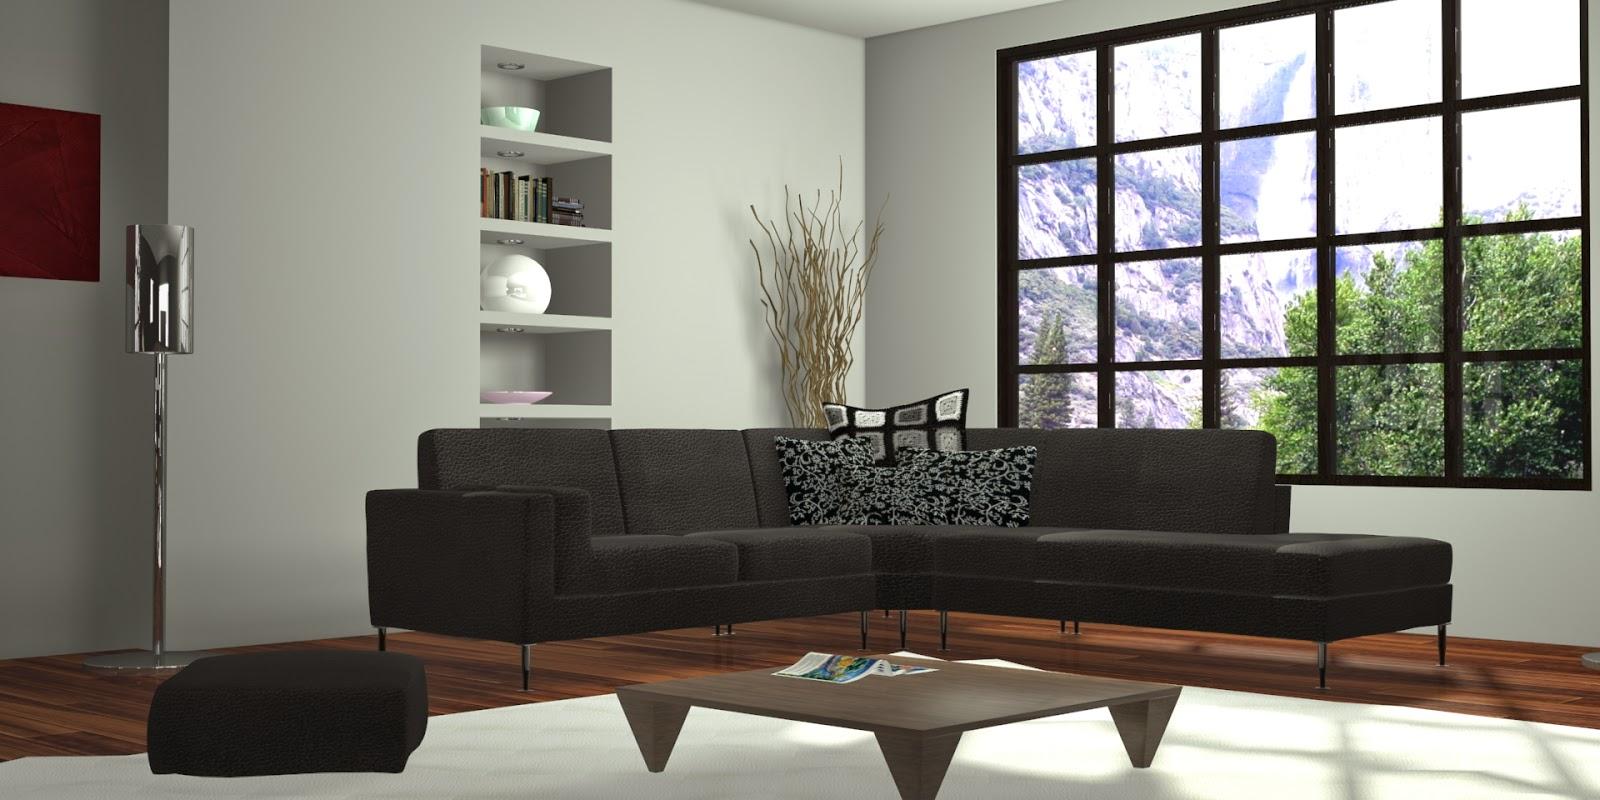 Interior lighting using standard lights dfx ology for Interior lighting design standards